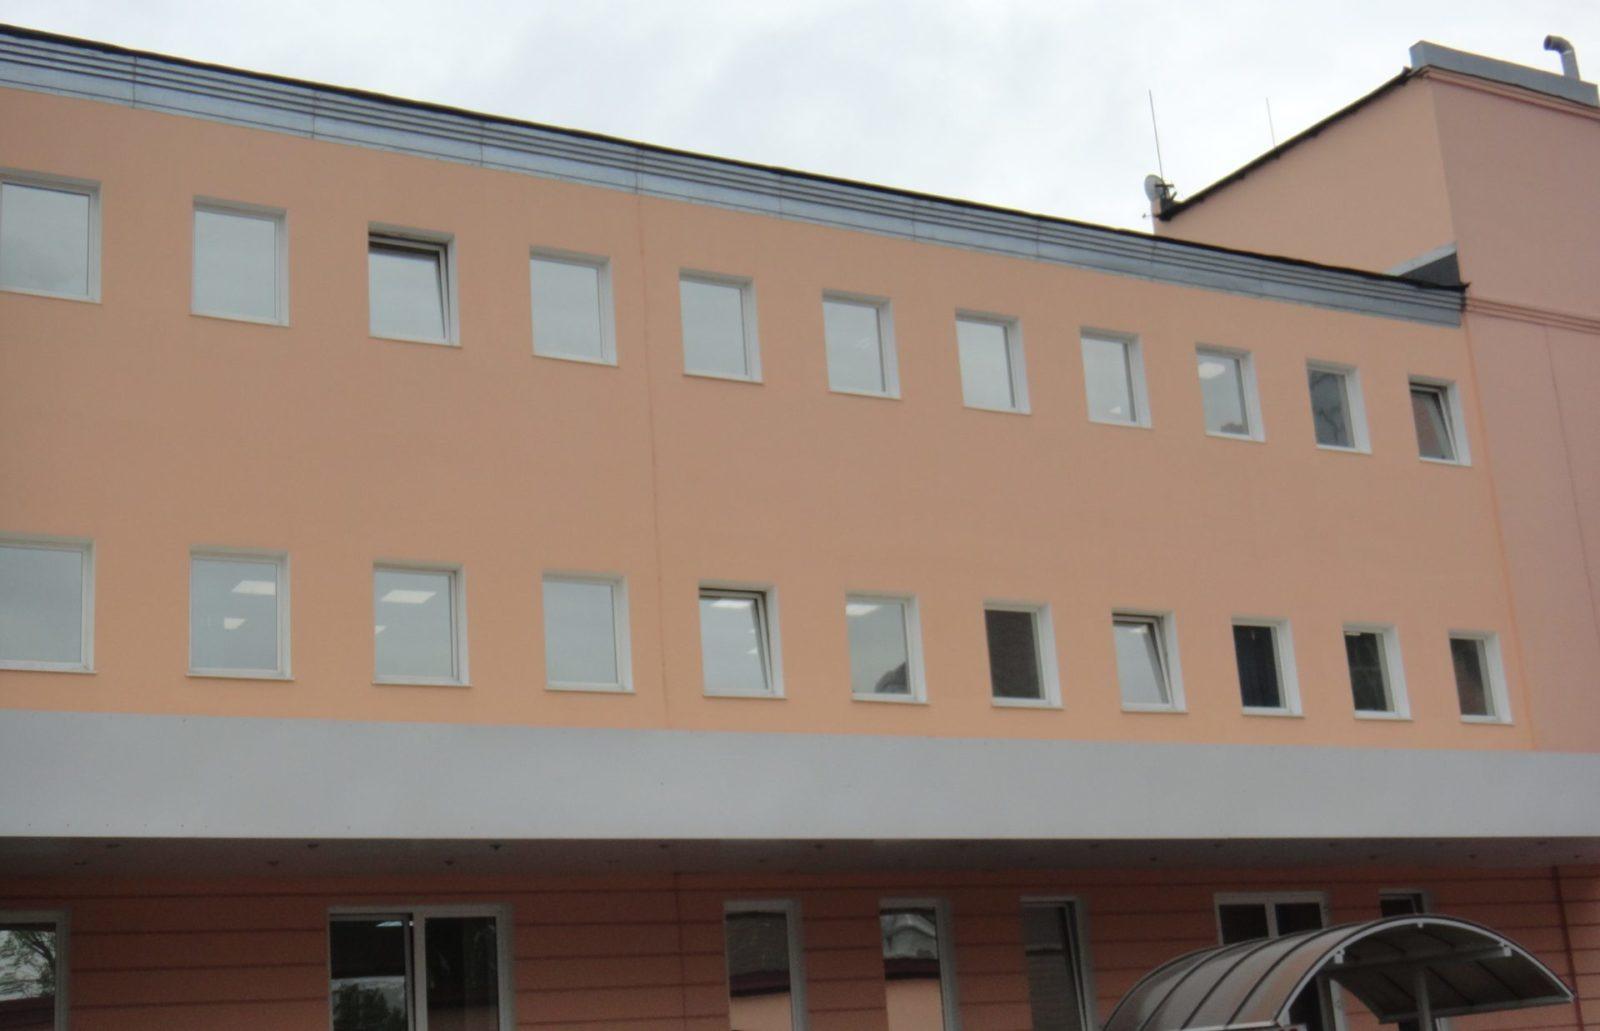 Выполнены работы по ремонту фасада здания офисного здания ЗАО «ЦТО-ККМ, СПб» в Петербурге